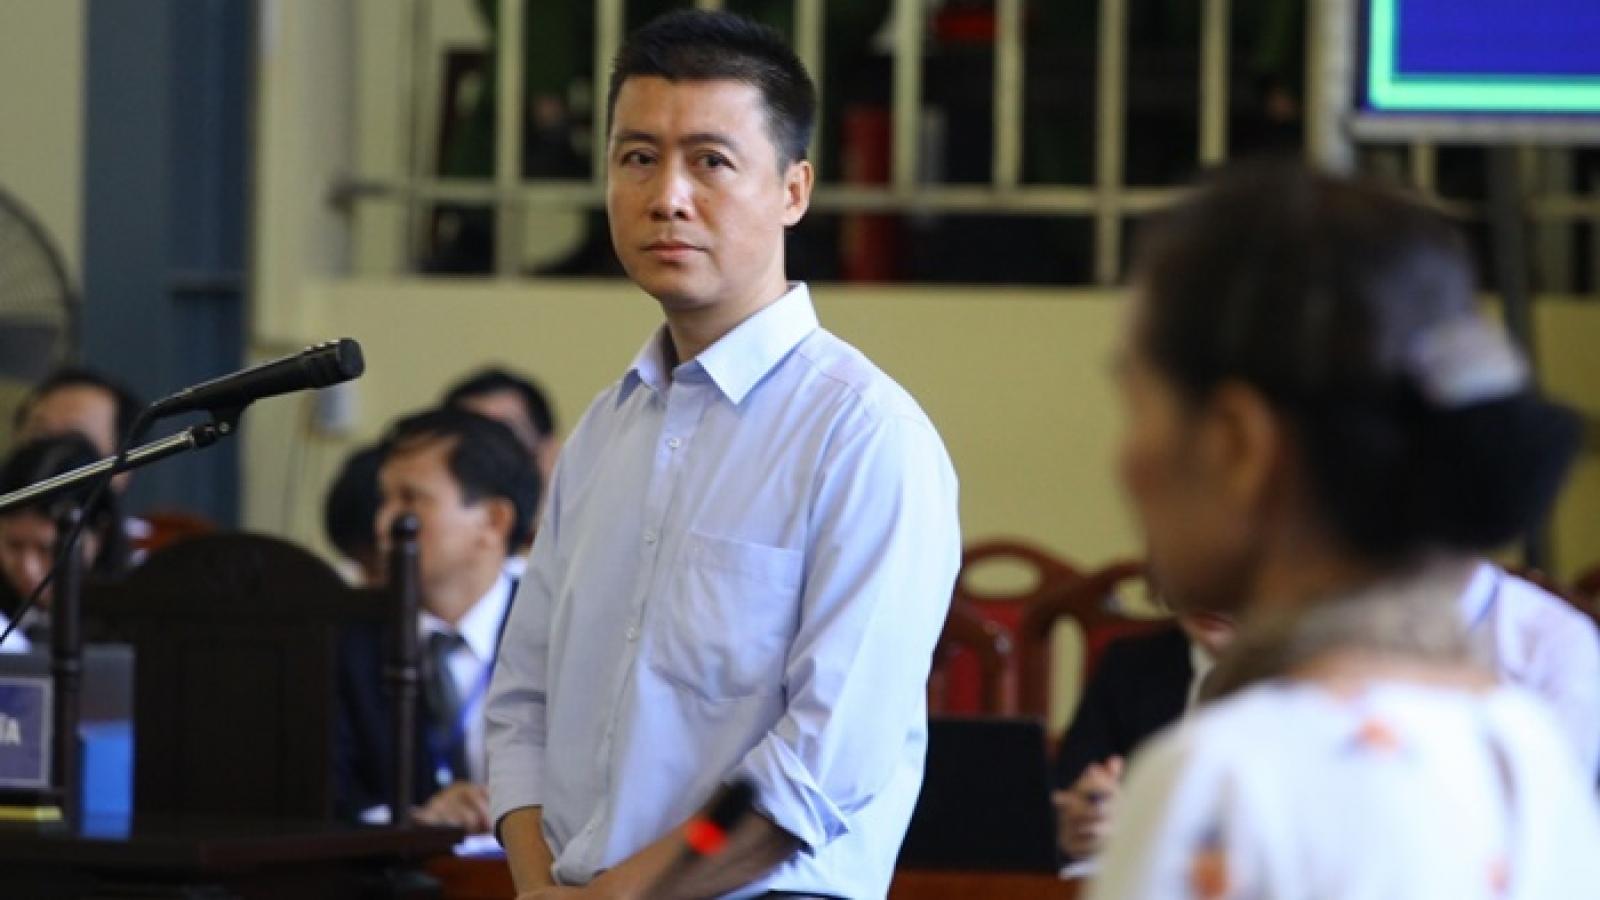 Viện Kiểm sát kháng nghị việc Phan Sào Nam được tha tù trước thời hạn 22 tháng